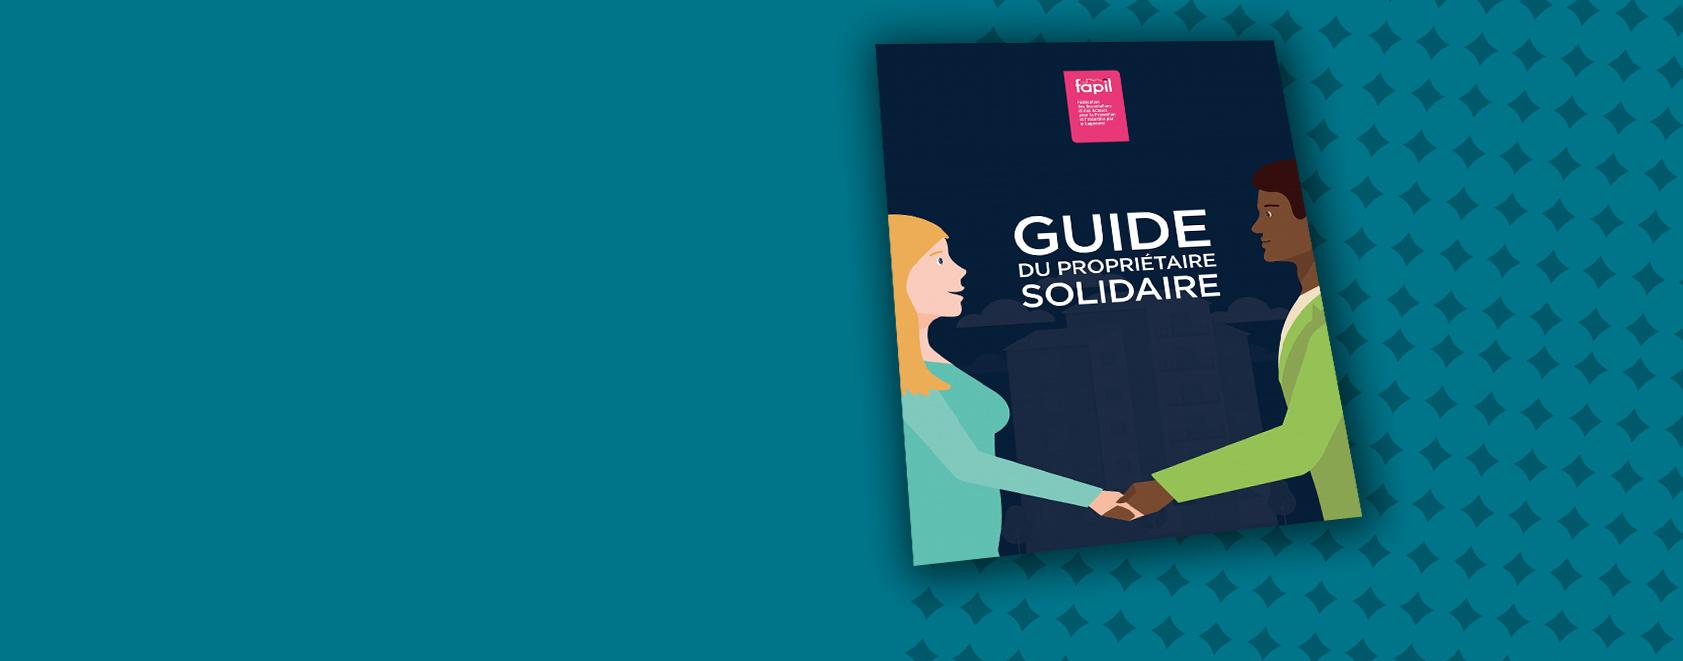 La Fapil édite le Guide du Propriétaire Solidaire